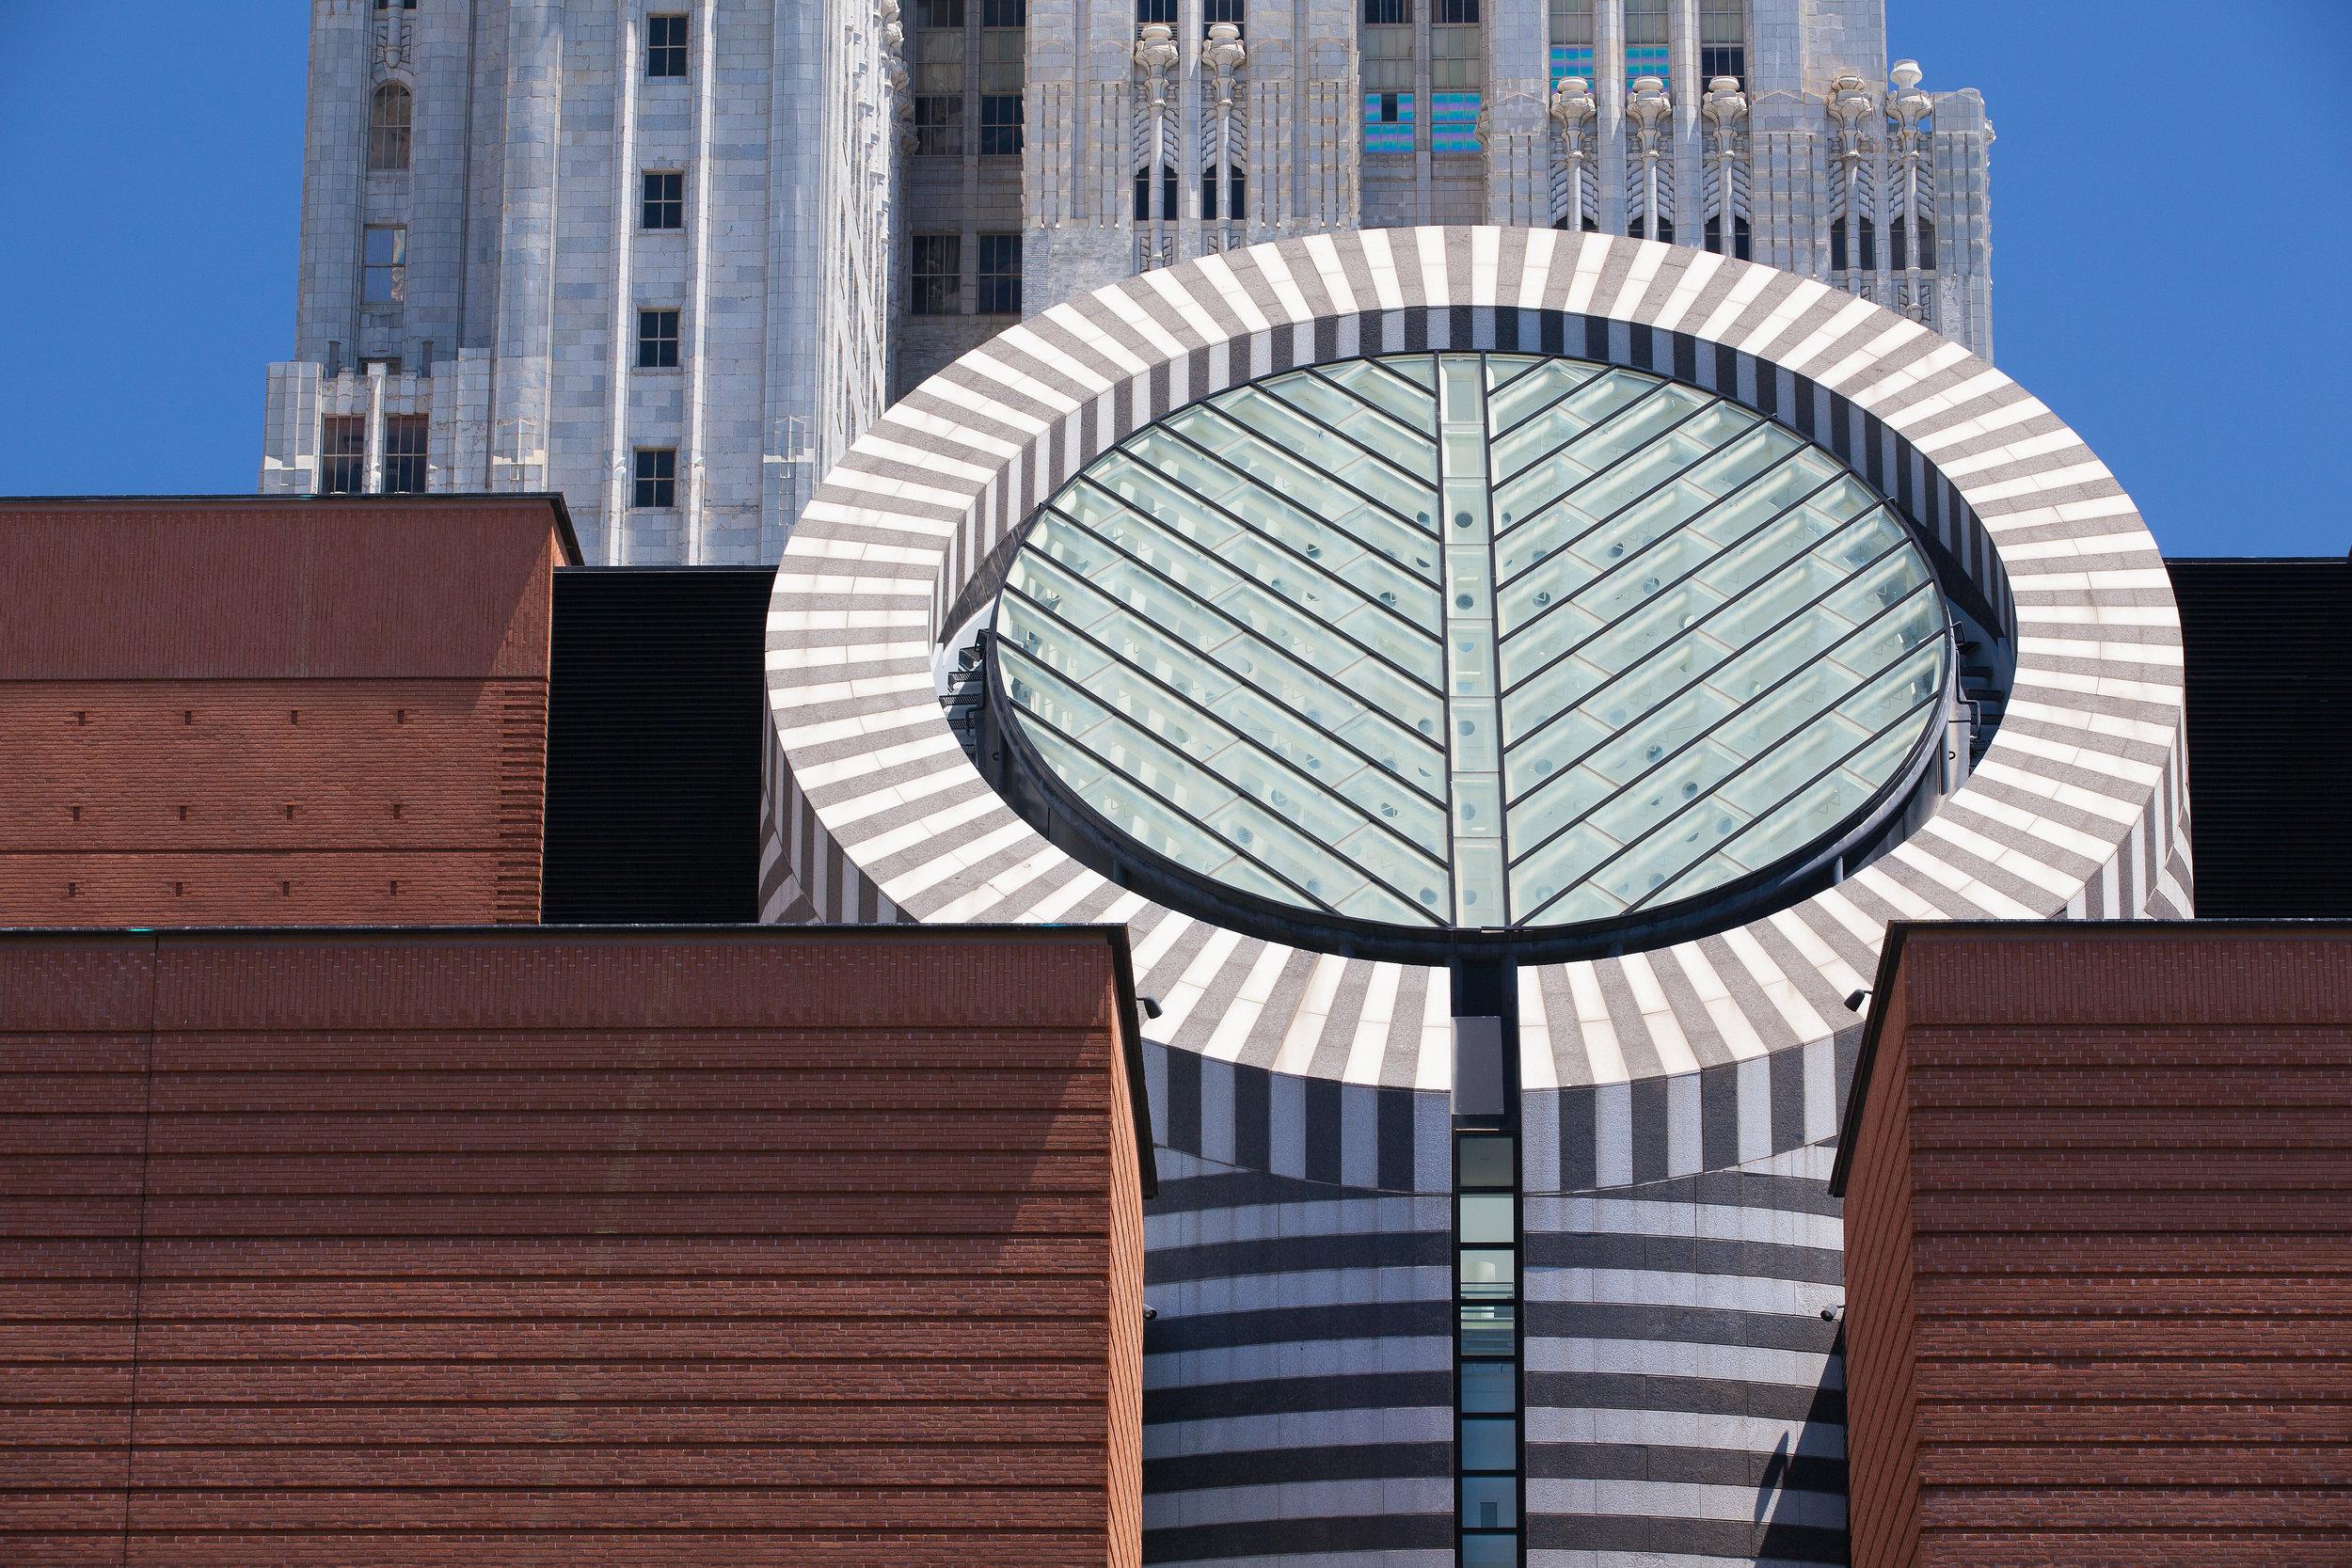 San Francisco Museum of Modern Art. Photo: Capture Light /shutterstock